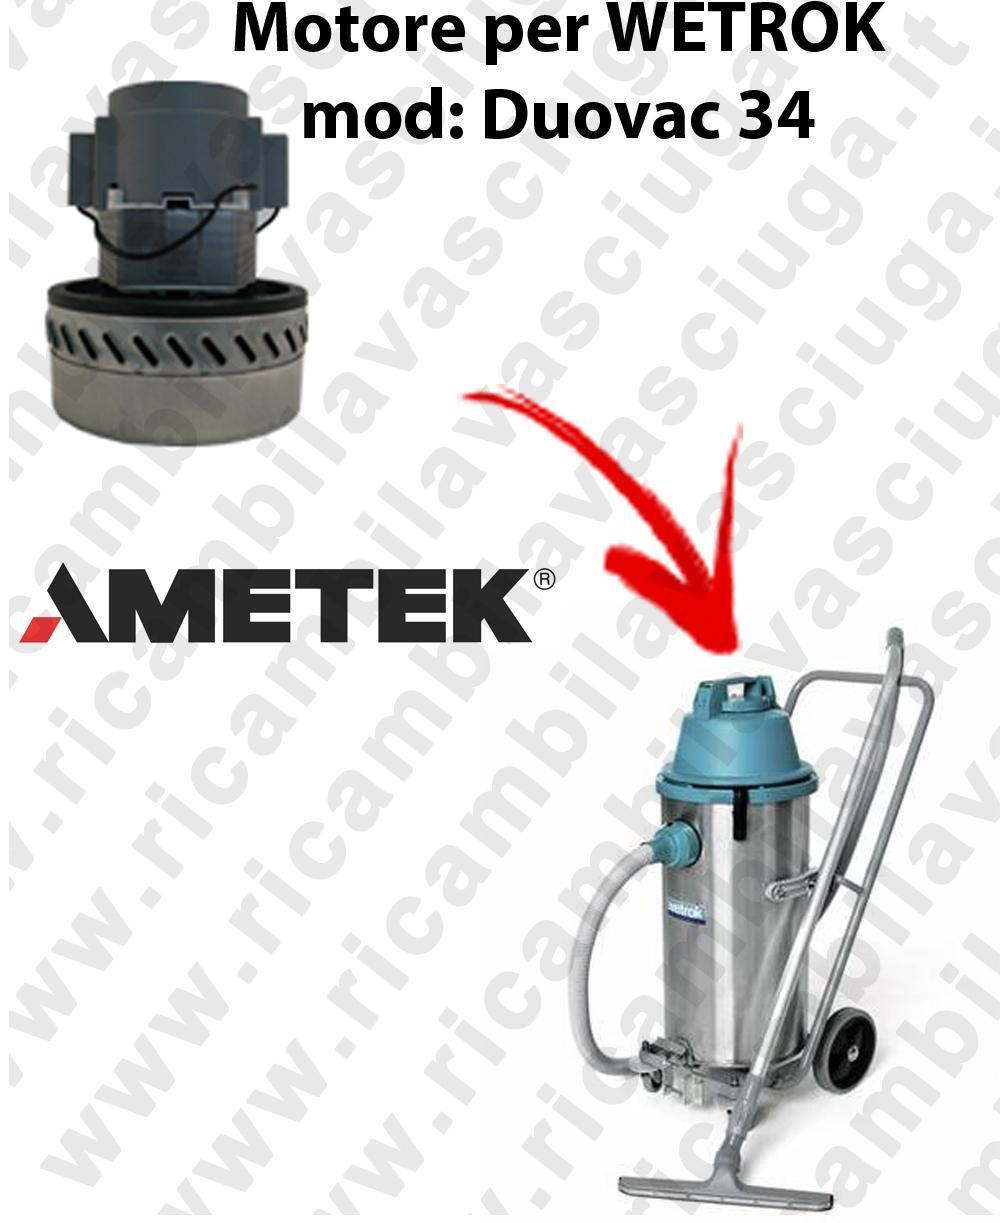 DUOVAC 34 MOTEUR ASPIRATION AMETEK  pour aspirateur WETROK